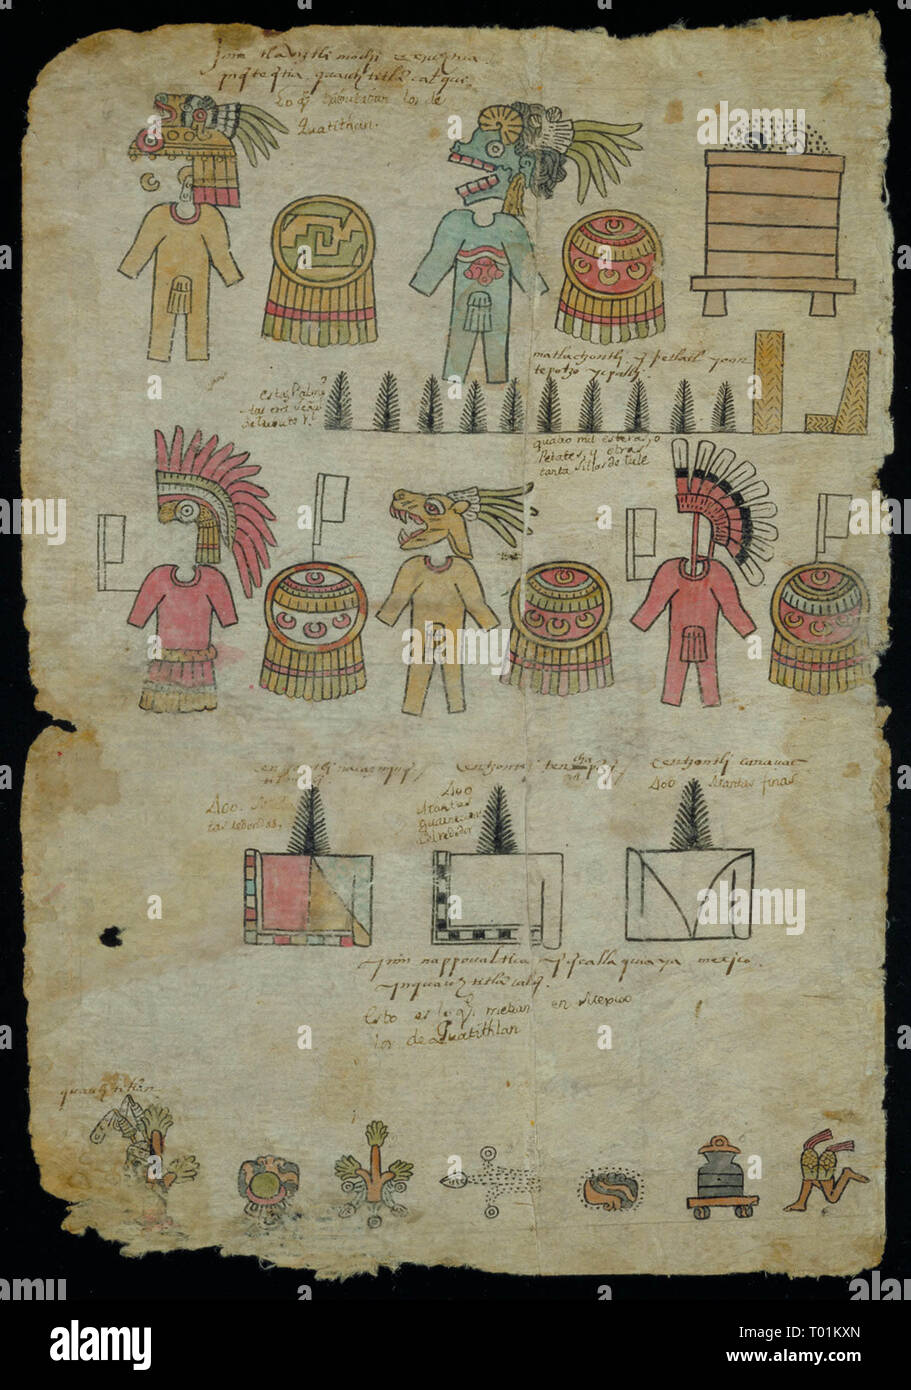 Un Matrícula de tributos, datant de 1522-1530 CE. Il est écrit en nahuatl classique et a été retrouvée dans la ville de Mexico Banque D'Images